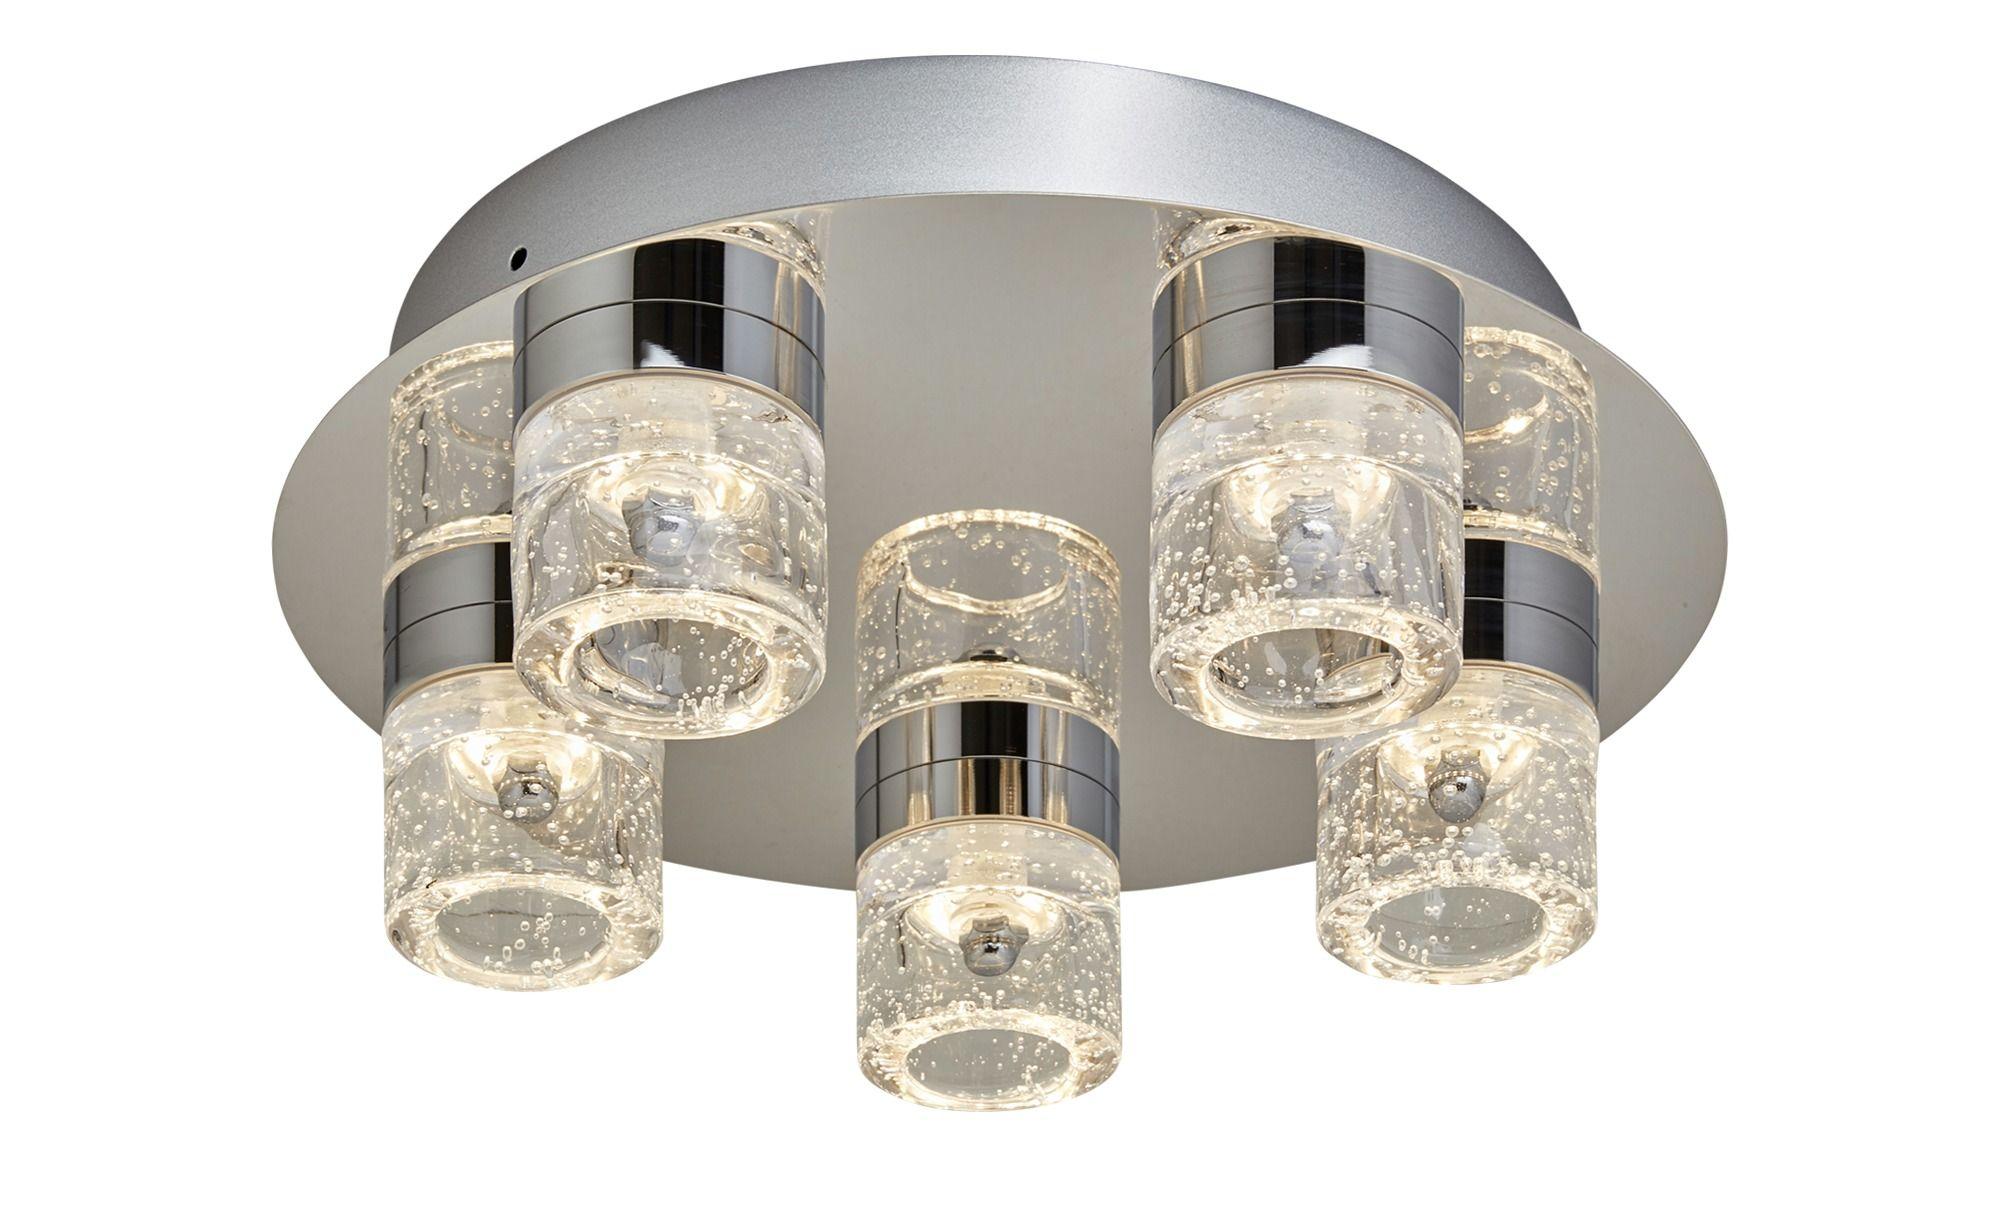 Deckenleuchte badezimmer ~ Paul neuhaus led deckenleuchte flammig acrylglas mit